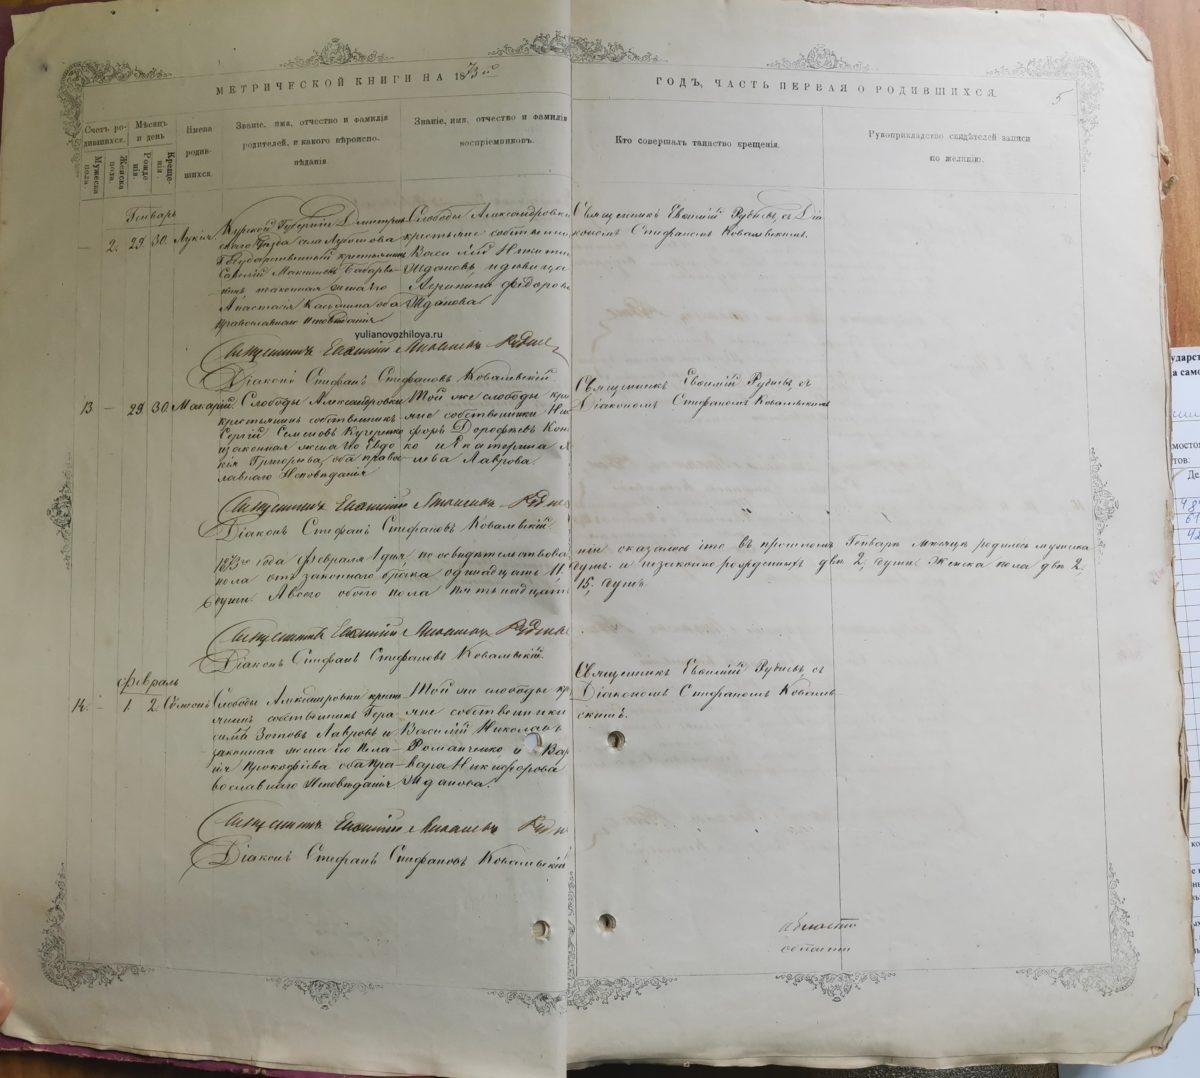 В метрических книгах находим записи о рождении, браке и смерти предков. Иногда с удивлением отмечаем, что в разных поколениях могут совпадать даты важных жизненных событий